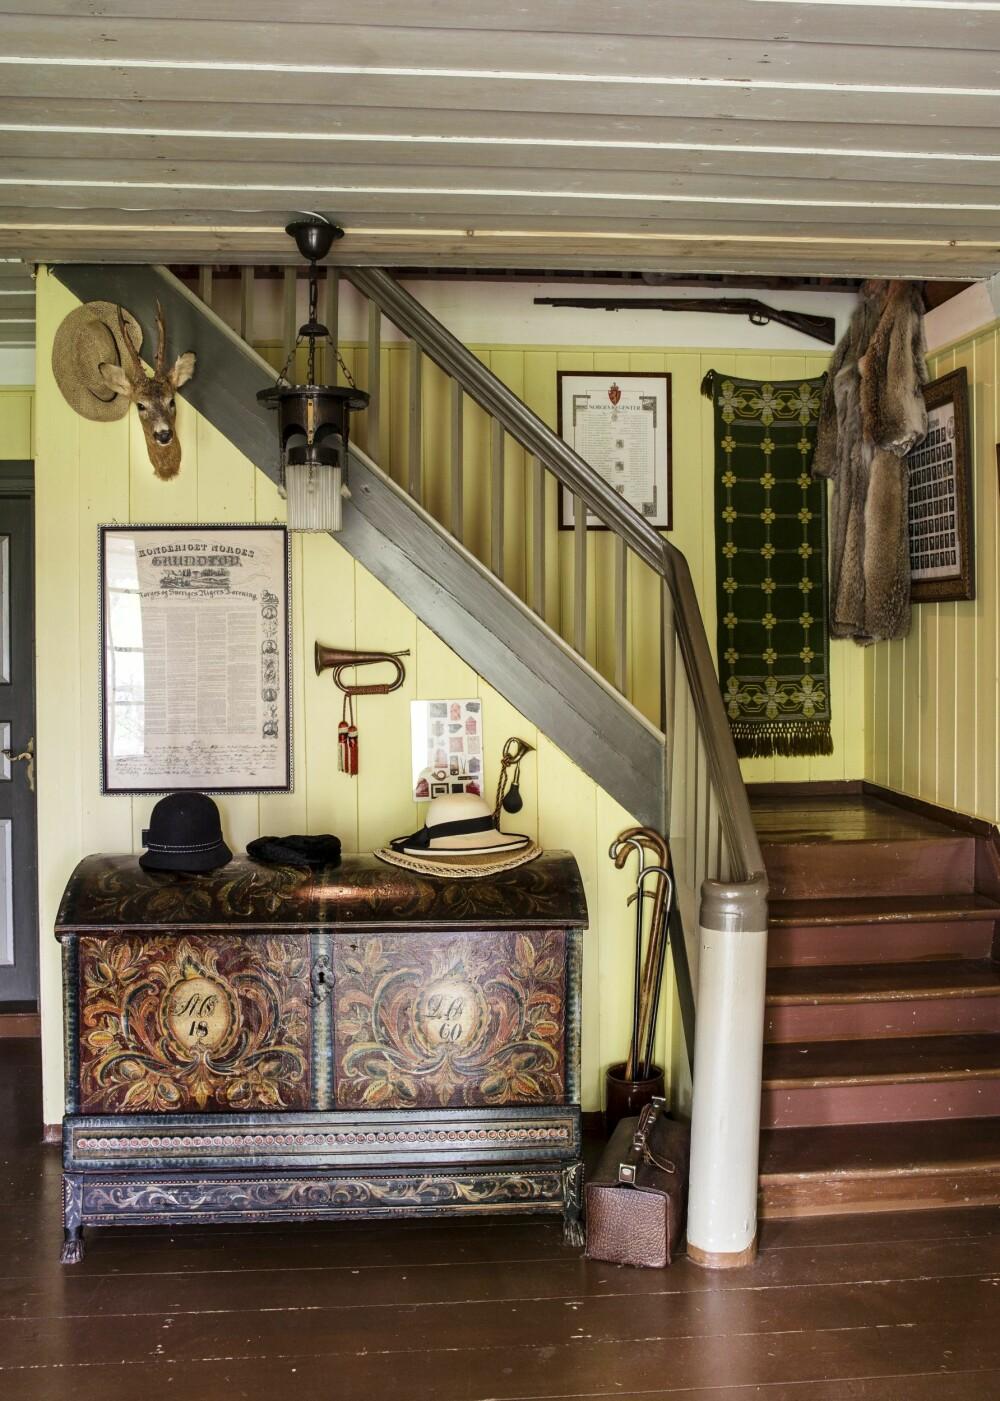 GAMMEL BRUDEKISTE: Oldemorens brudekiste fra Setesdalen, datert 1860, møter deg når du kommer inn i gangen.